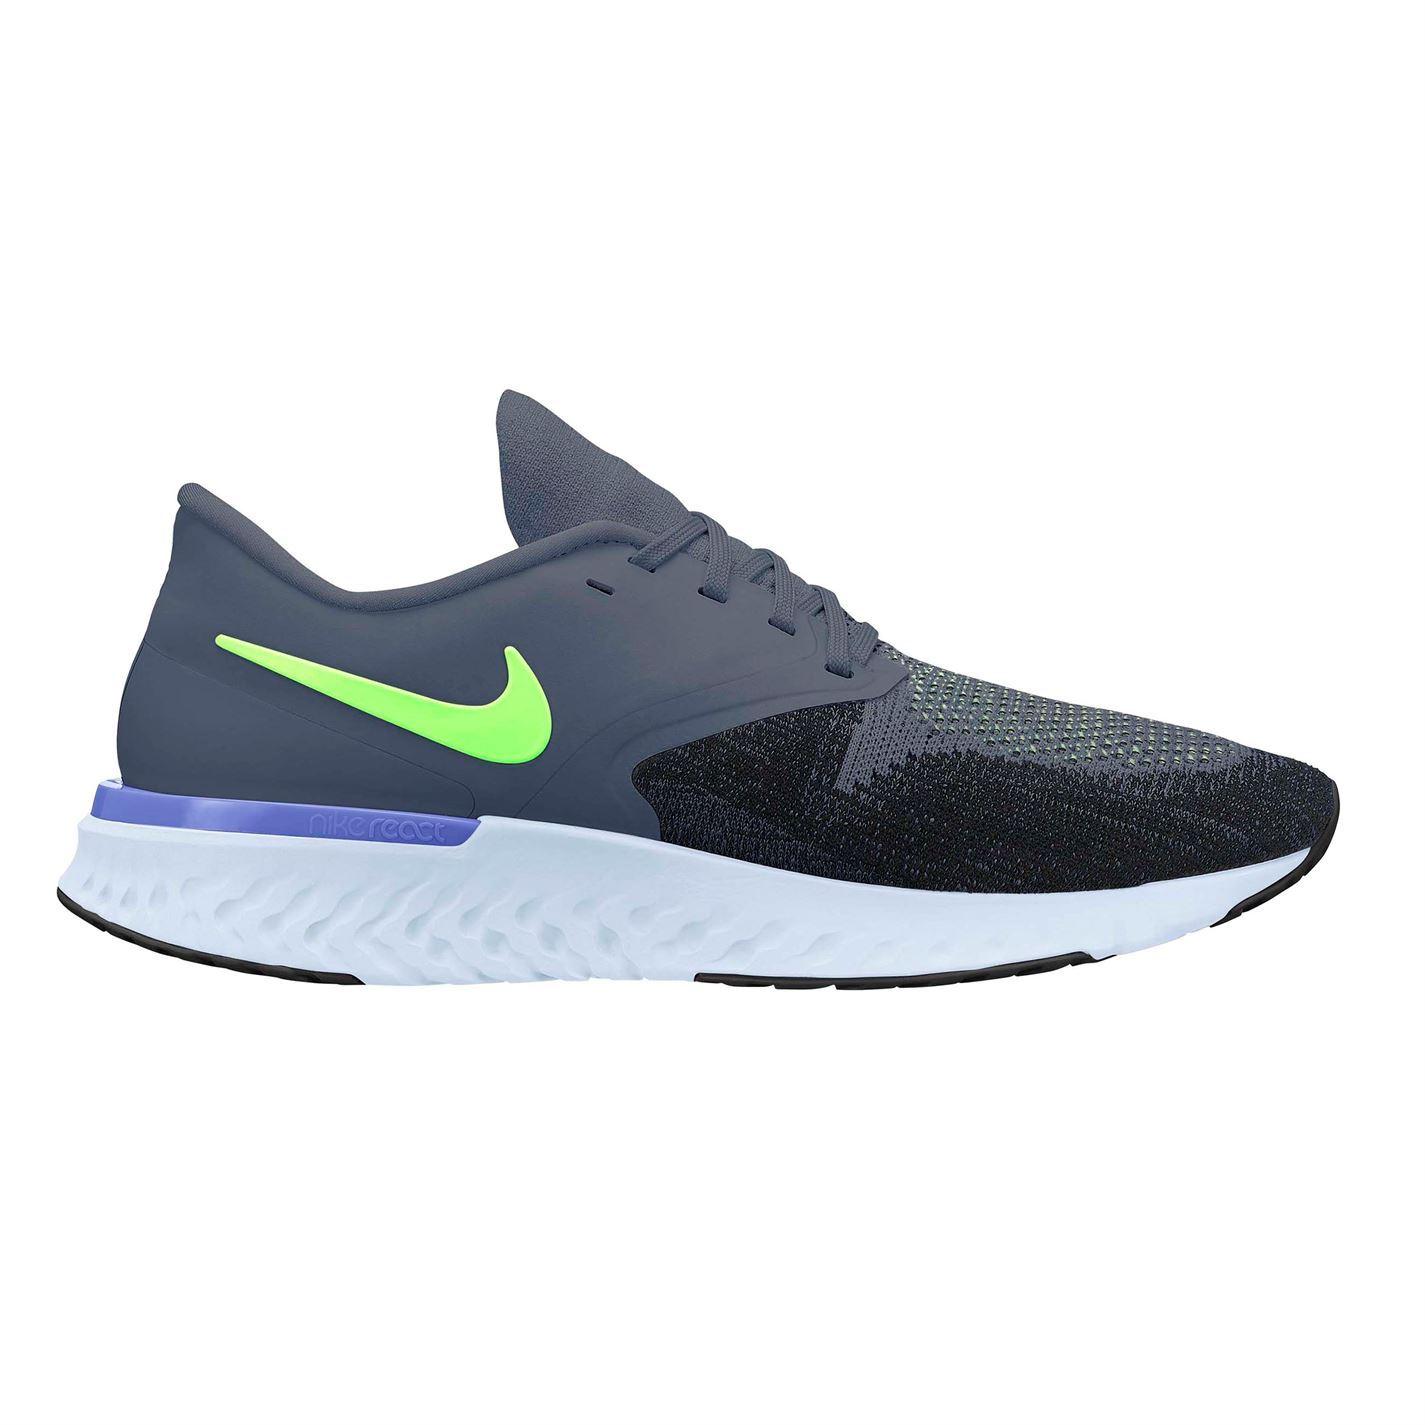 Nike Odyssey React Flyknit 2 Mens